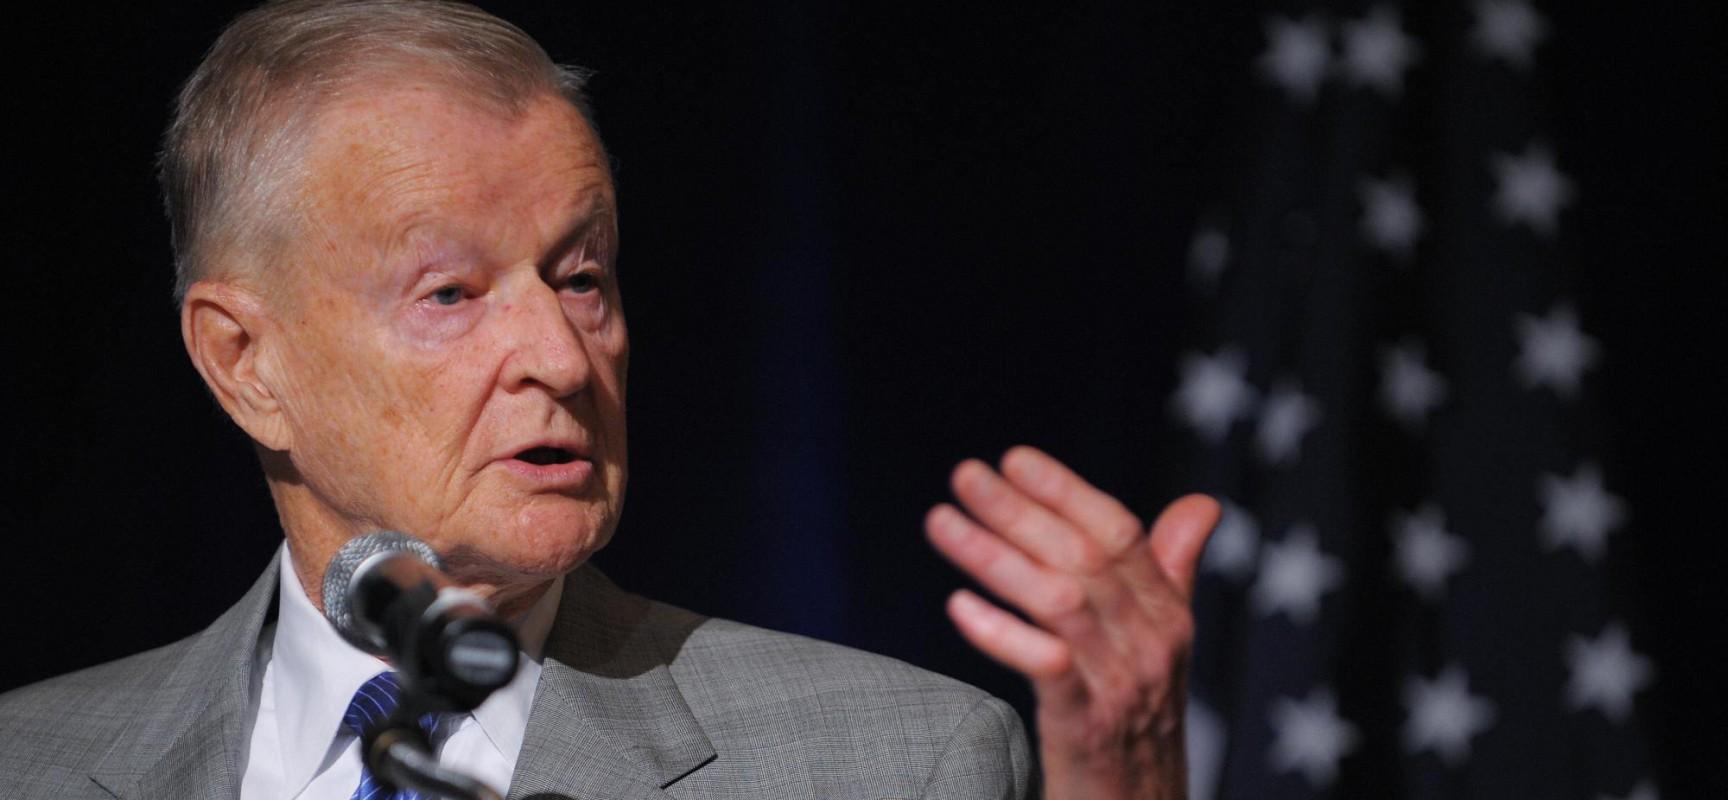 Brzezinski et le monde demain